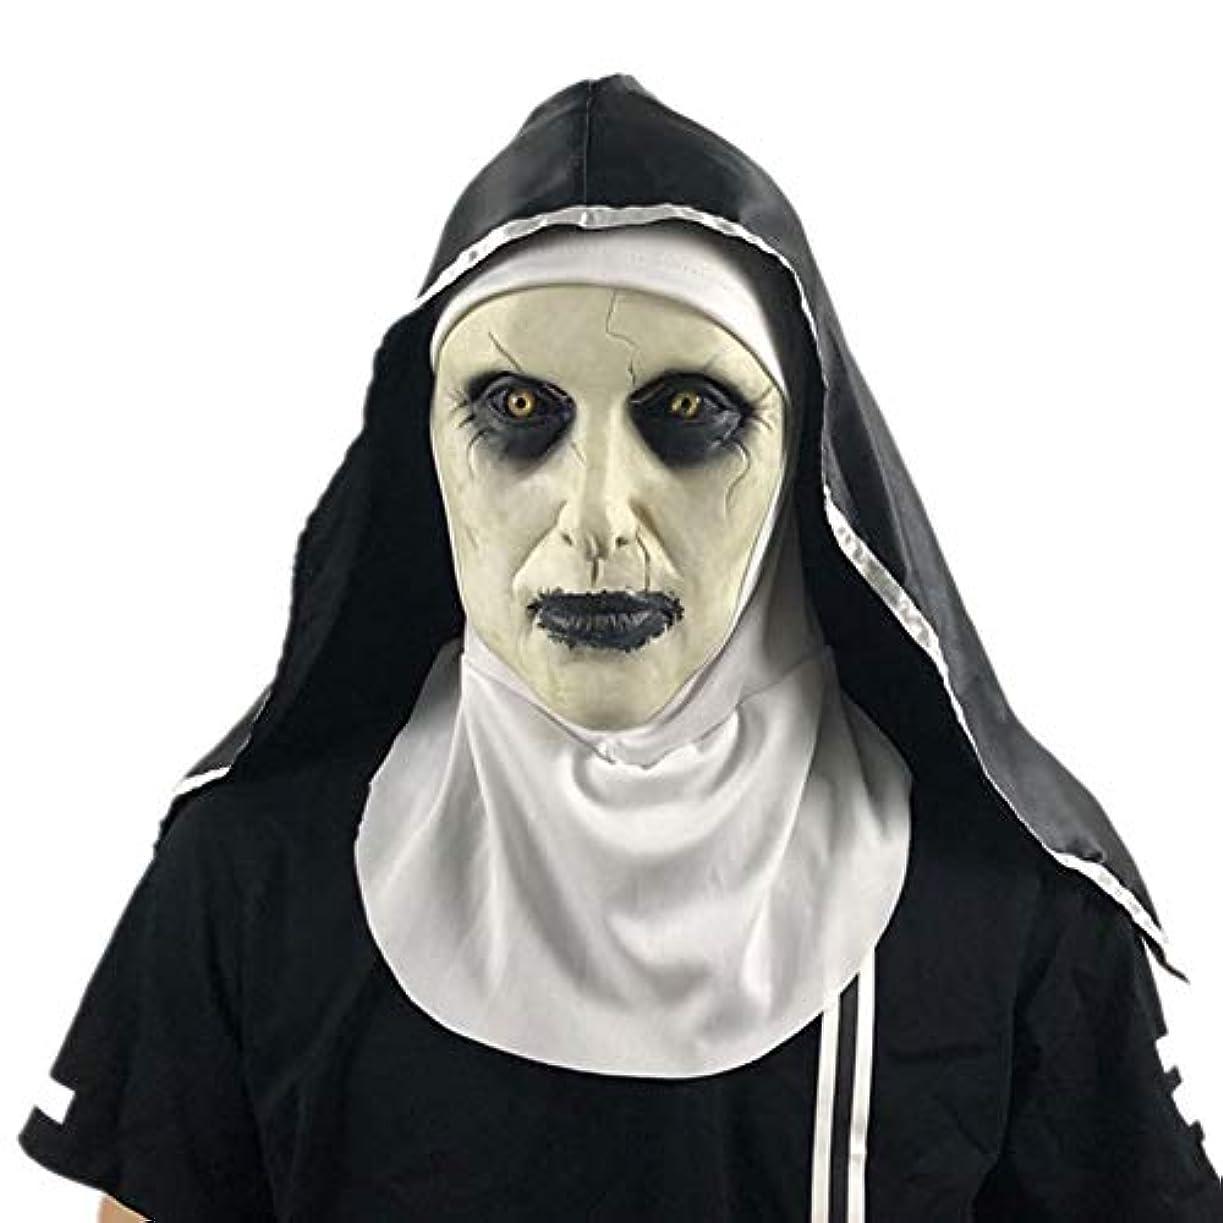 脈拍ステンレス同化ハロウィーンマスク、顔をしかめるラテックスマスク、テーマパーティー、コスチュームボール、カーニバル、ハロウィーン、レイブパーティー、仮面舞踏会などに適しています。